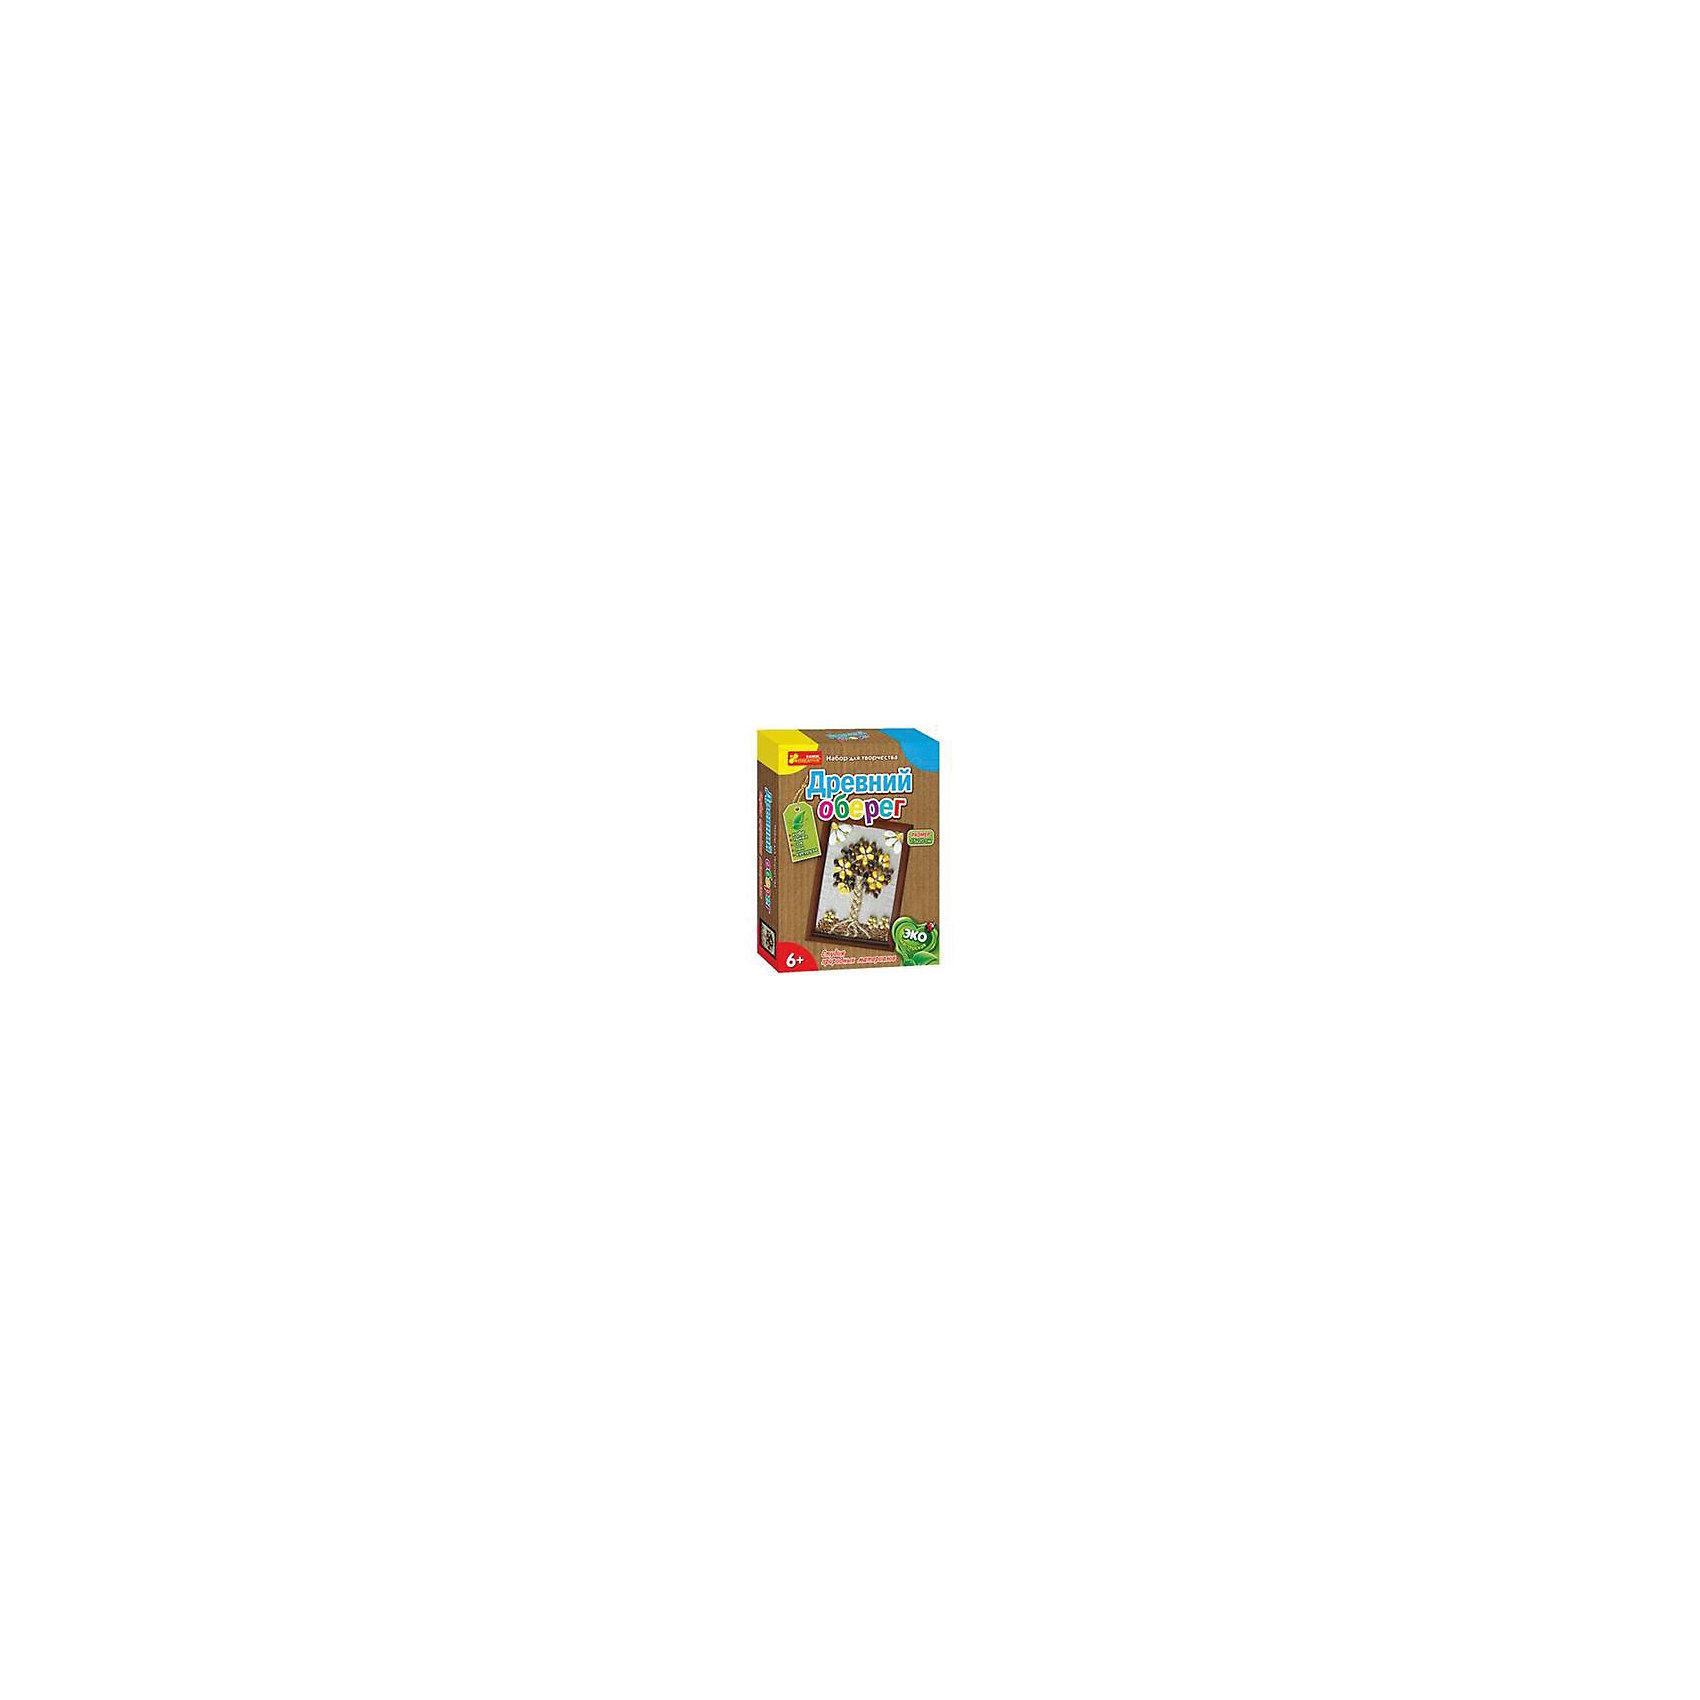 Наборы для творчества, Древний оберег (Н)Последняя цена<br>Характеристики:<br><br>• Предназначение: для занятий творчеством<br>• Пол: для девочек<br>• Комплектация: рамка, ткань, кофейные и кукурузные зерна, семена сои, тыквы, льна, бусинки, шпагат, леска, клей ПВА, кисточка, инструкция<br>• Материал: натуральные пищевые компоненты, дерево, текстиль, пластик<br>• Размеры упаковки (Д*Ш*В): 22,5*17*5 см<br>• Вес упаковки: 210 г <br>• Упаковка: картонная коробка<br><br>Наборы для творчества, Древний оберег (Н) от компании Ranok Creative, специализирующейся на производстве товаров для организации творческого досуга детей разного возраста, предназначены для создания панно в технике аппликации из натуральных компонентов. Набор состоит из материалов, инструментов и приспособлений для создания объемного дерева. Все материалы, использованные в наборе, имеют натуральную основу, они нетоксичны и безопасны. Набор Древний оберег (Н) от компании Ranok Creative позволяет создать своими руками оригинальное интерьерное украшение или подарок для родных к празднику. Творческие занятия с наборами от Ranok Creative способствуют развитию у детей креативного мышления, изысканного вкуса и формируют ценность ручного труда.<br><br>Наборы для творчества, Древний оберег (Н) можно купить в нашем интернет-магазине.<br><br>Ширина мм: 220<br>Глубина мм: 50<br>Высота мм: 170<br>Вес г: 400<br>Возраст от месяцев: 72<br>Возраст до месяцев: 180<br>Пол: Женский<br>Возраст: Детский<br>SKU: 5212542